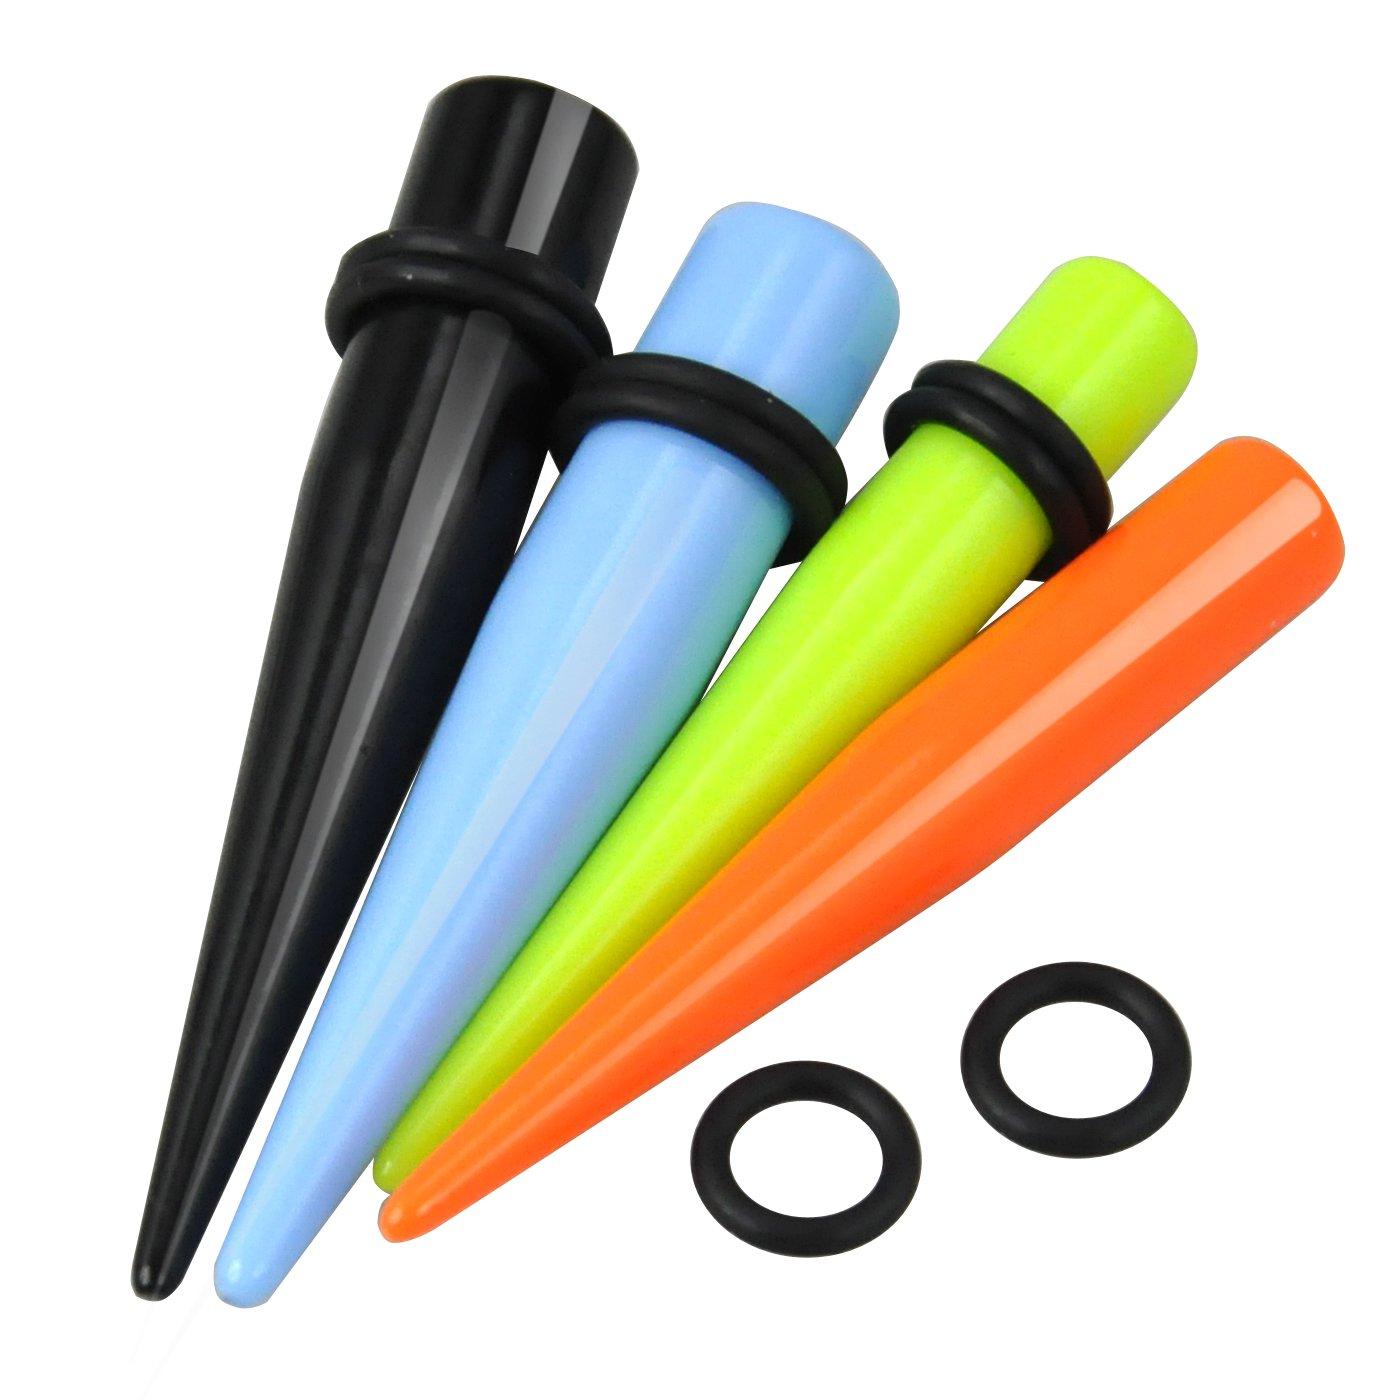 TRIXES 18 Piezas Ensanchadores de Oreja Multicolor - Kit de Dilatadores - 18 PZ Dilatación Oreja: Amazon.es: Belleza